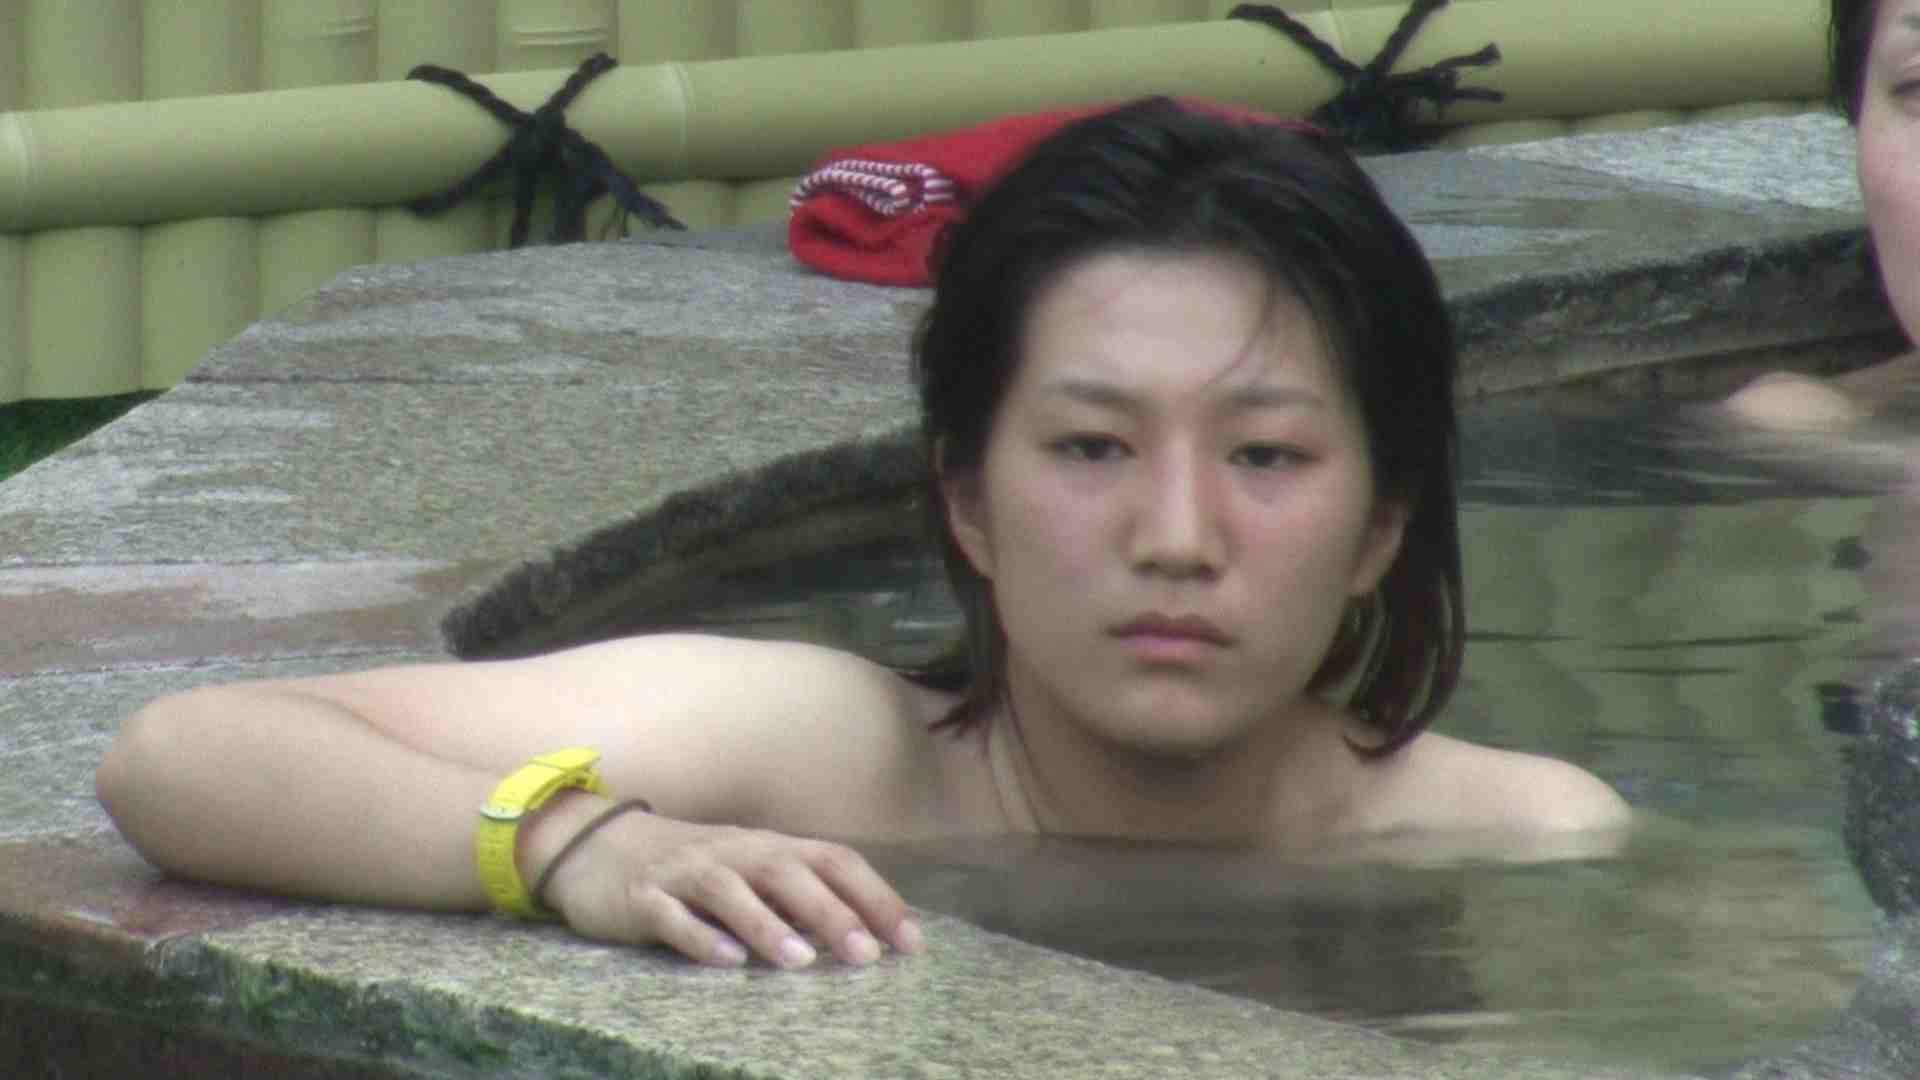 Aquaな露天風呂Vol.132 露天 | 盗撮特集  100画像 42